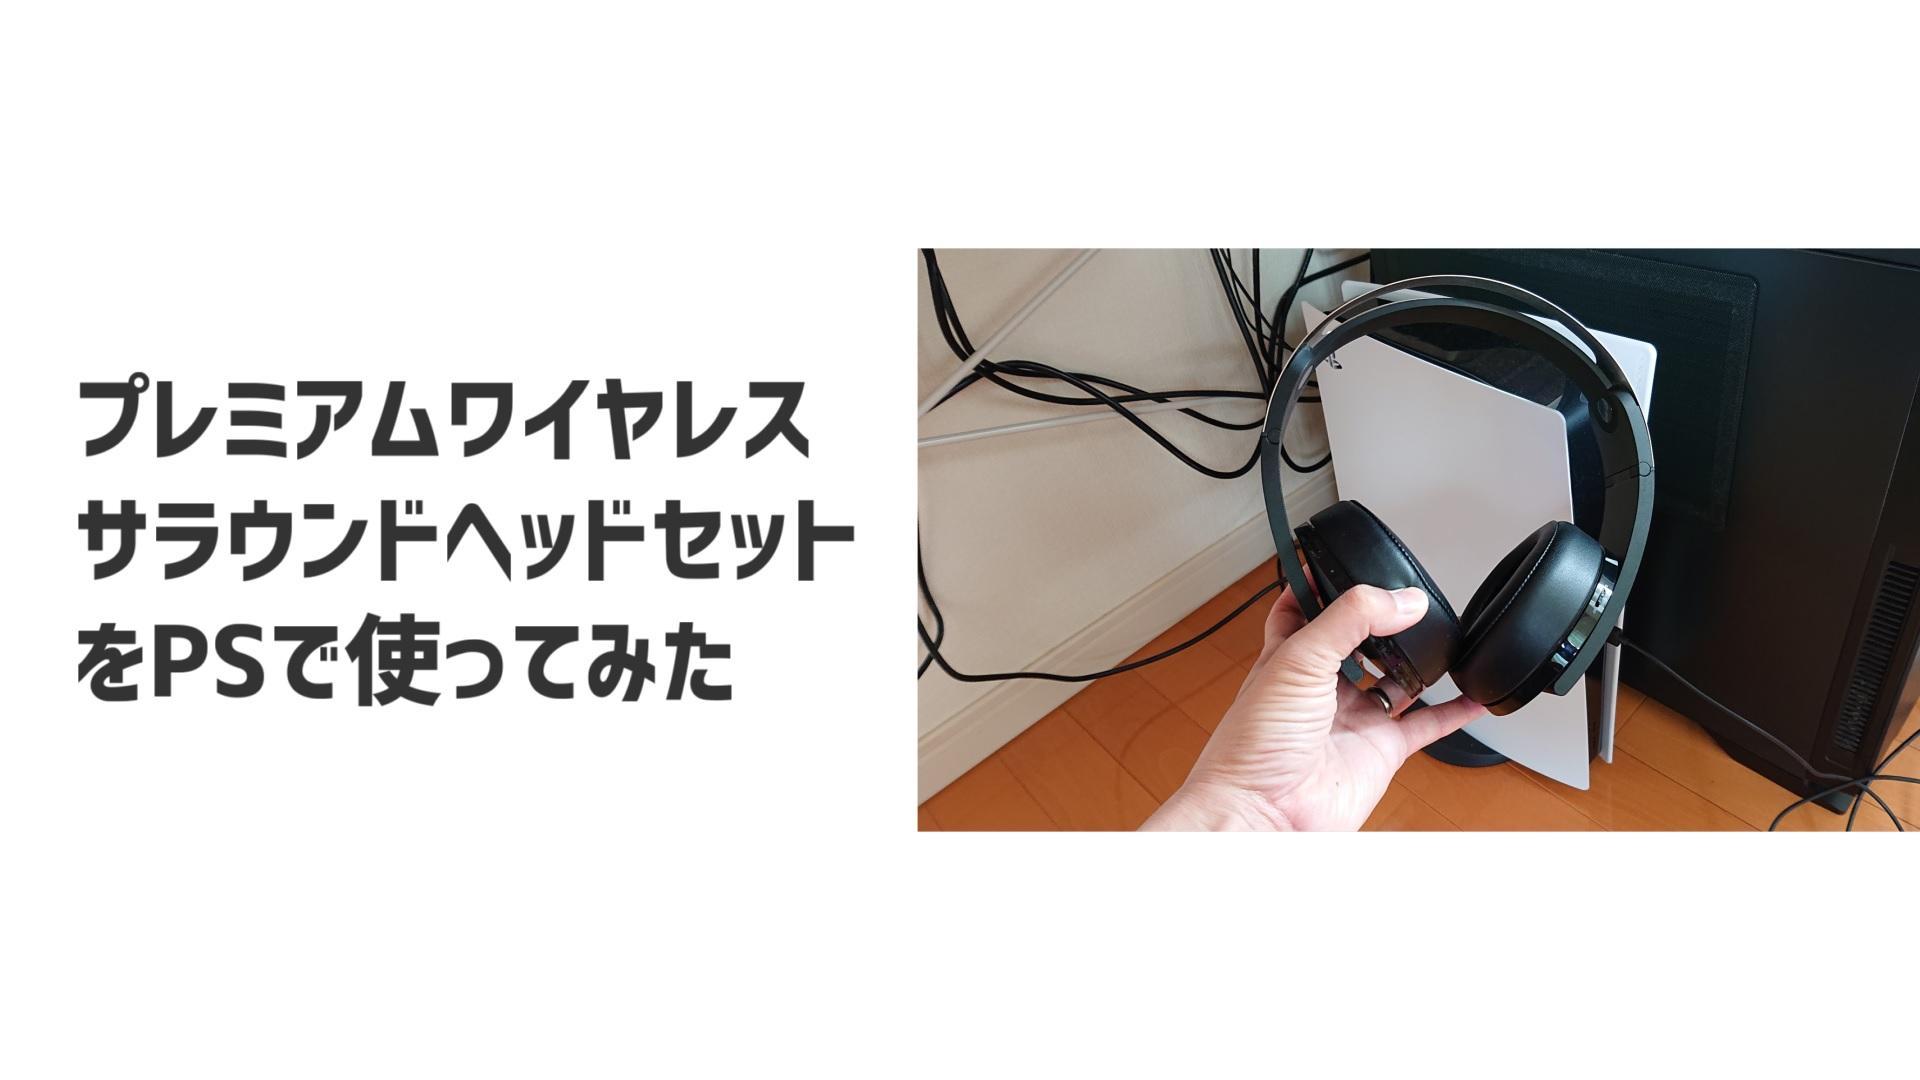 PS5でSONY純正のプレミアムワイヤレスサラウンドヘッドセットを使ってみた